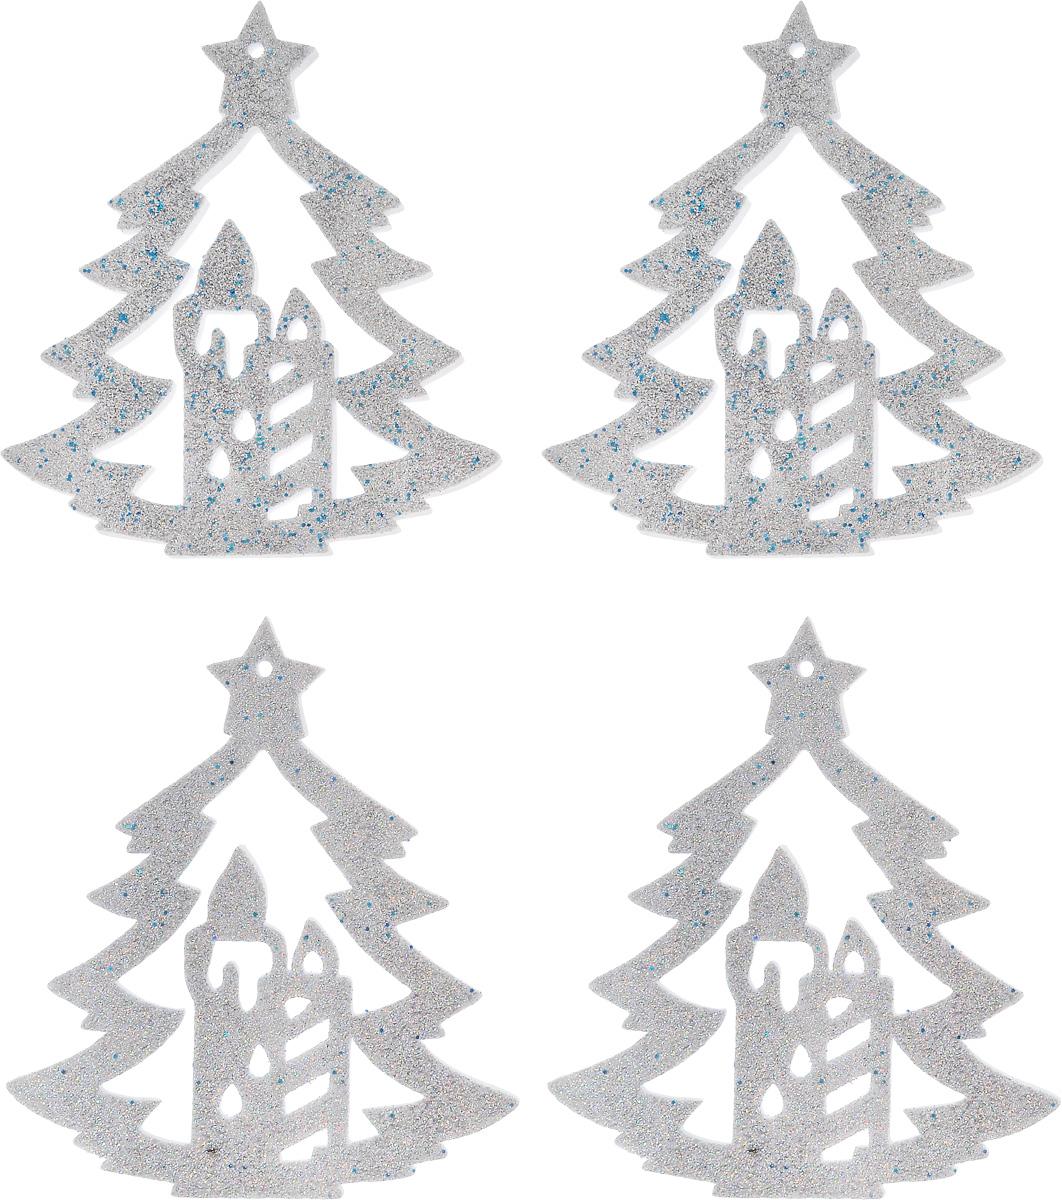 Набор новогодних подвесных украшений House & Holder Елка, цвет: серебристый, 4 штY68-8314/3RНабор подвесных украшений House & Holder Елка прекрасно подойдет для праздничного декора новогодней ели. Набор состоит из 4 пластиковых украшений.Елочная игрушка - символ Нового года. Она несет в себе волшебство и красоту праздника. Создайте в своем доме атмосферу веселья и радости, украшая новогоднюю елку нарядными игрушками, которые будут из года в год накапливать теплоту воспоминаний. Откройте для себя удивительный мир сказок и грез. Почувствуйте волшебные минуты ожидания праздника, создайте новогоднее настроение вашим дорогим и близким.Размер: 11 х 0,5 х 12,5 см.